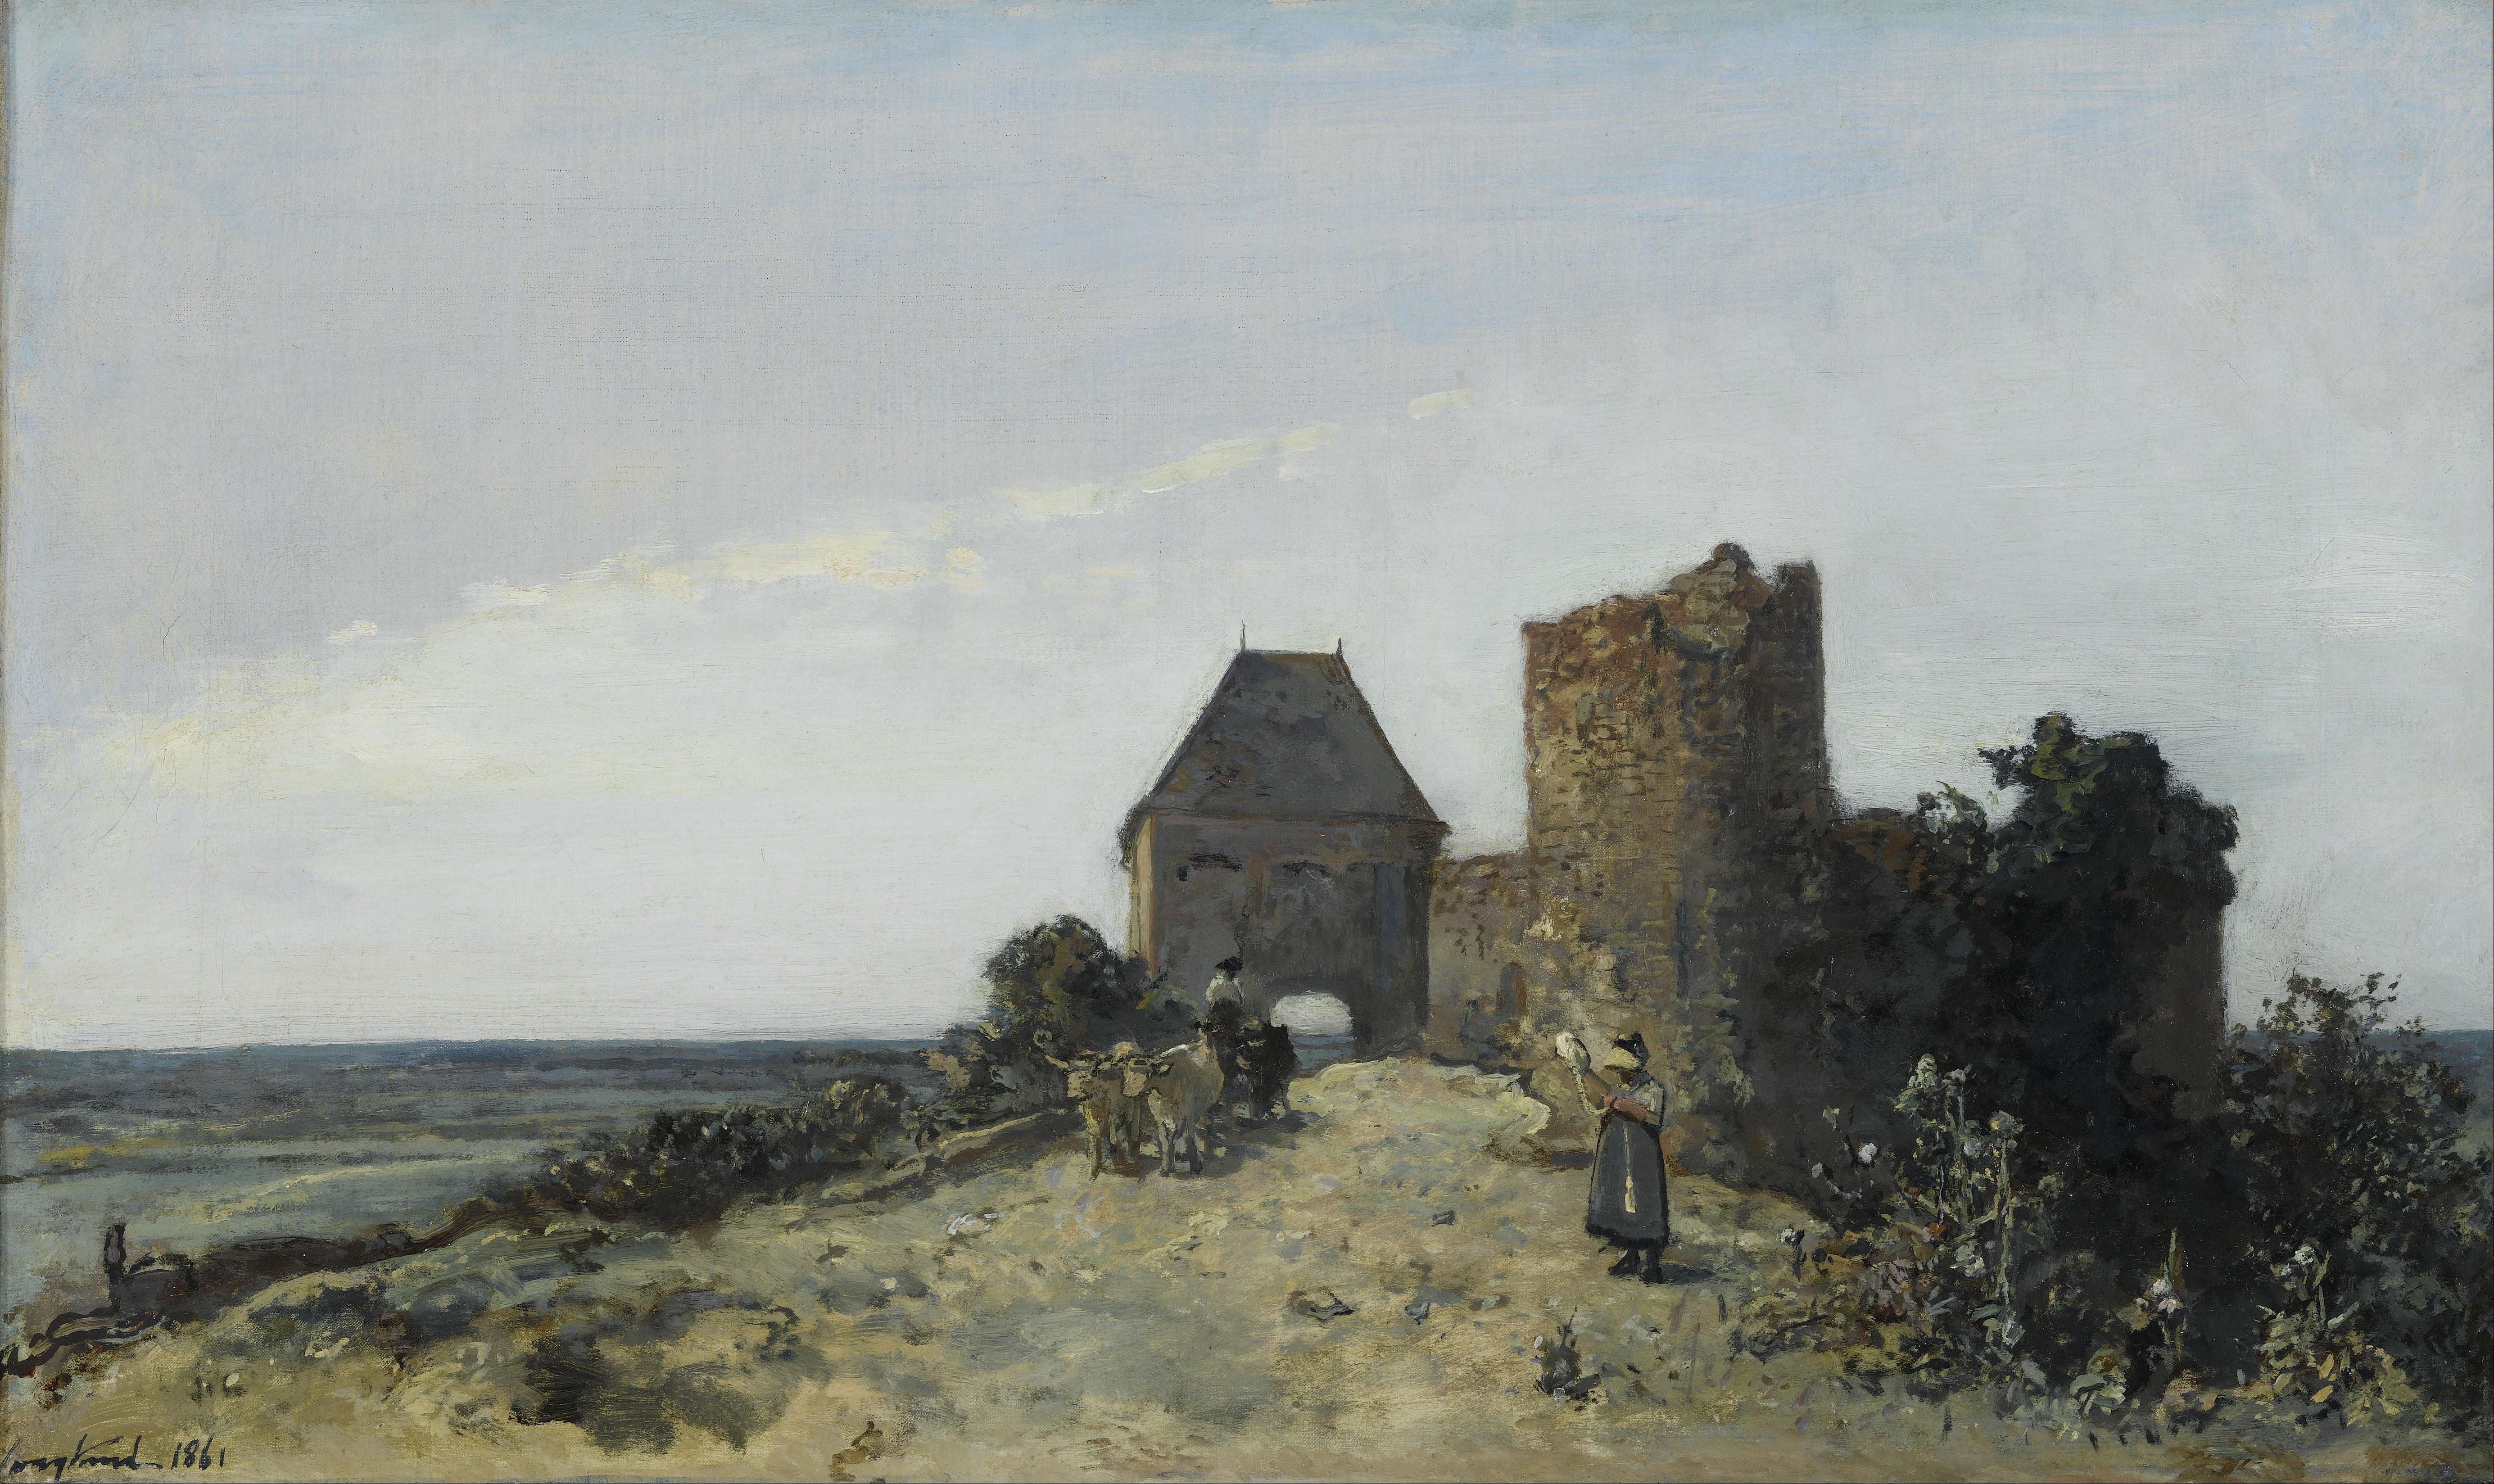 Ruins in art: Johan Jongkind, Ruins of Rosemont Castle